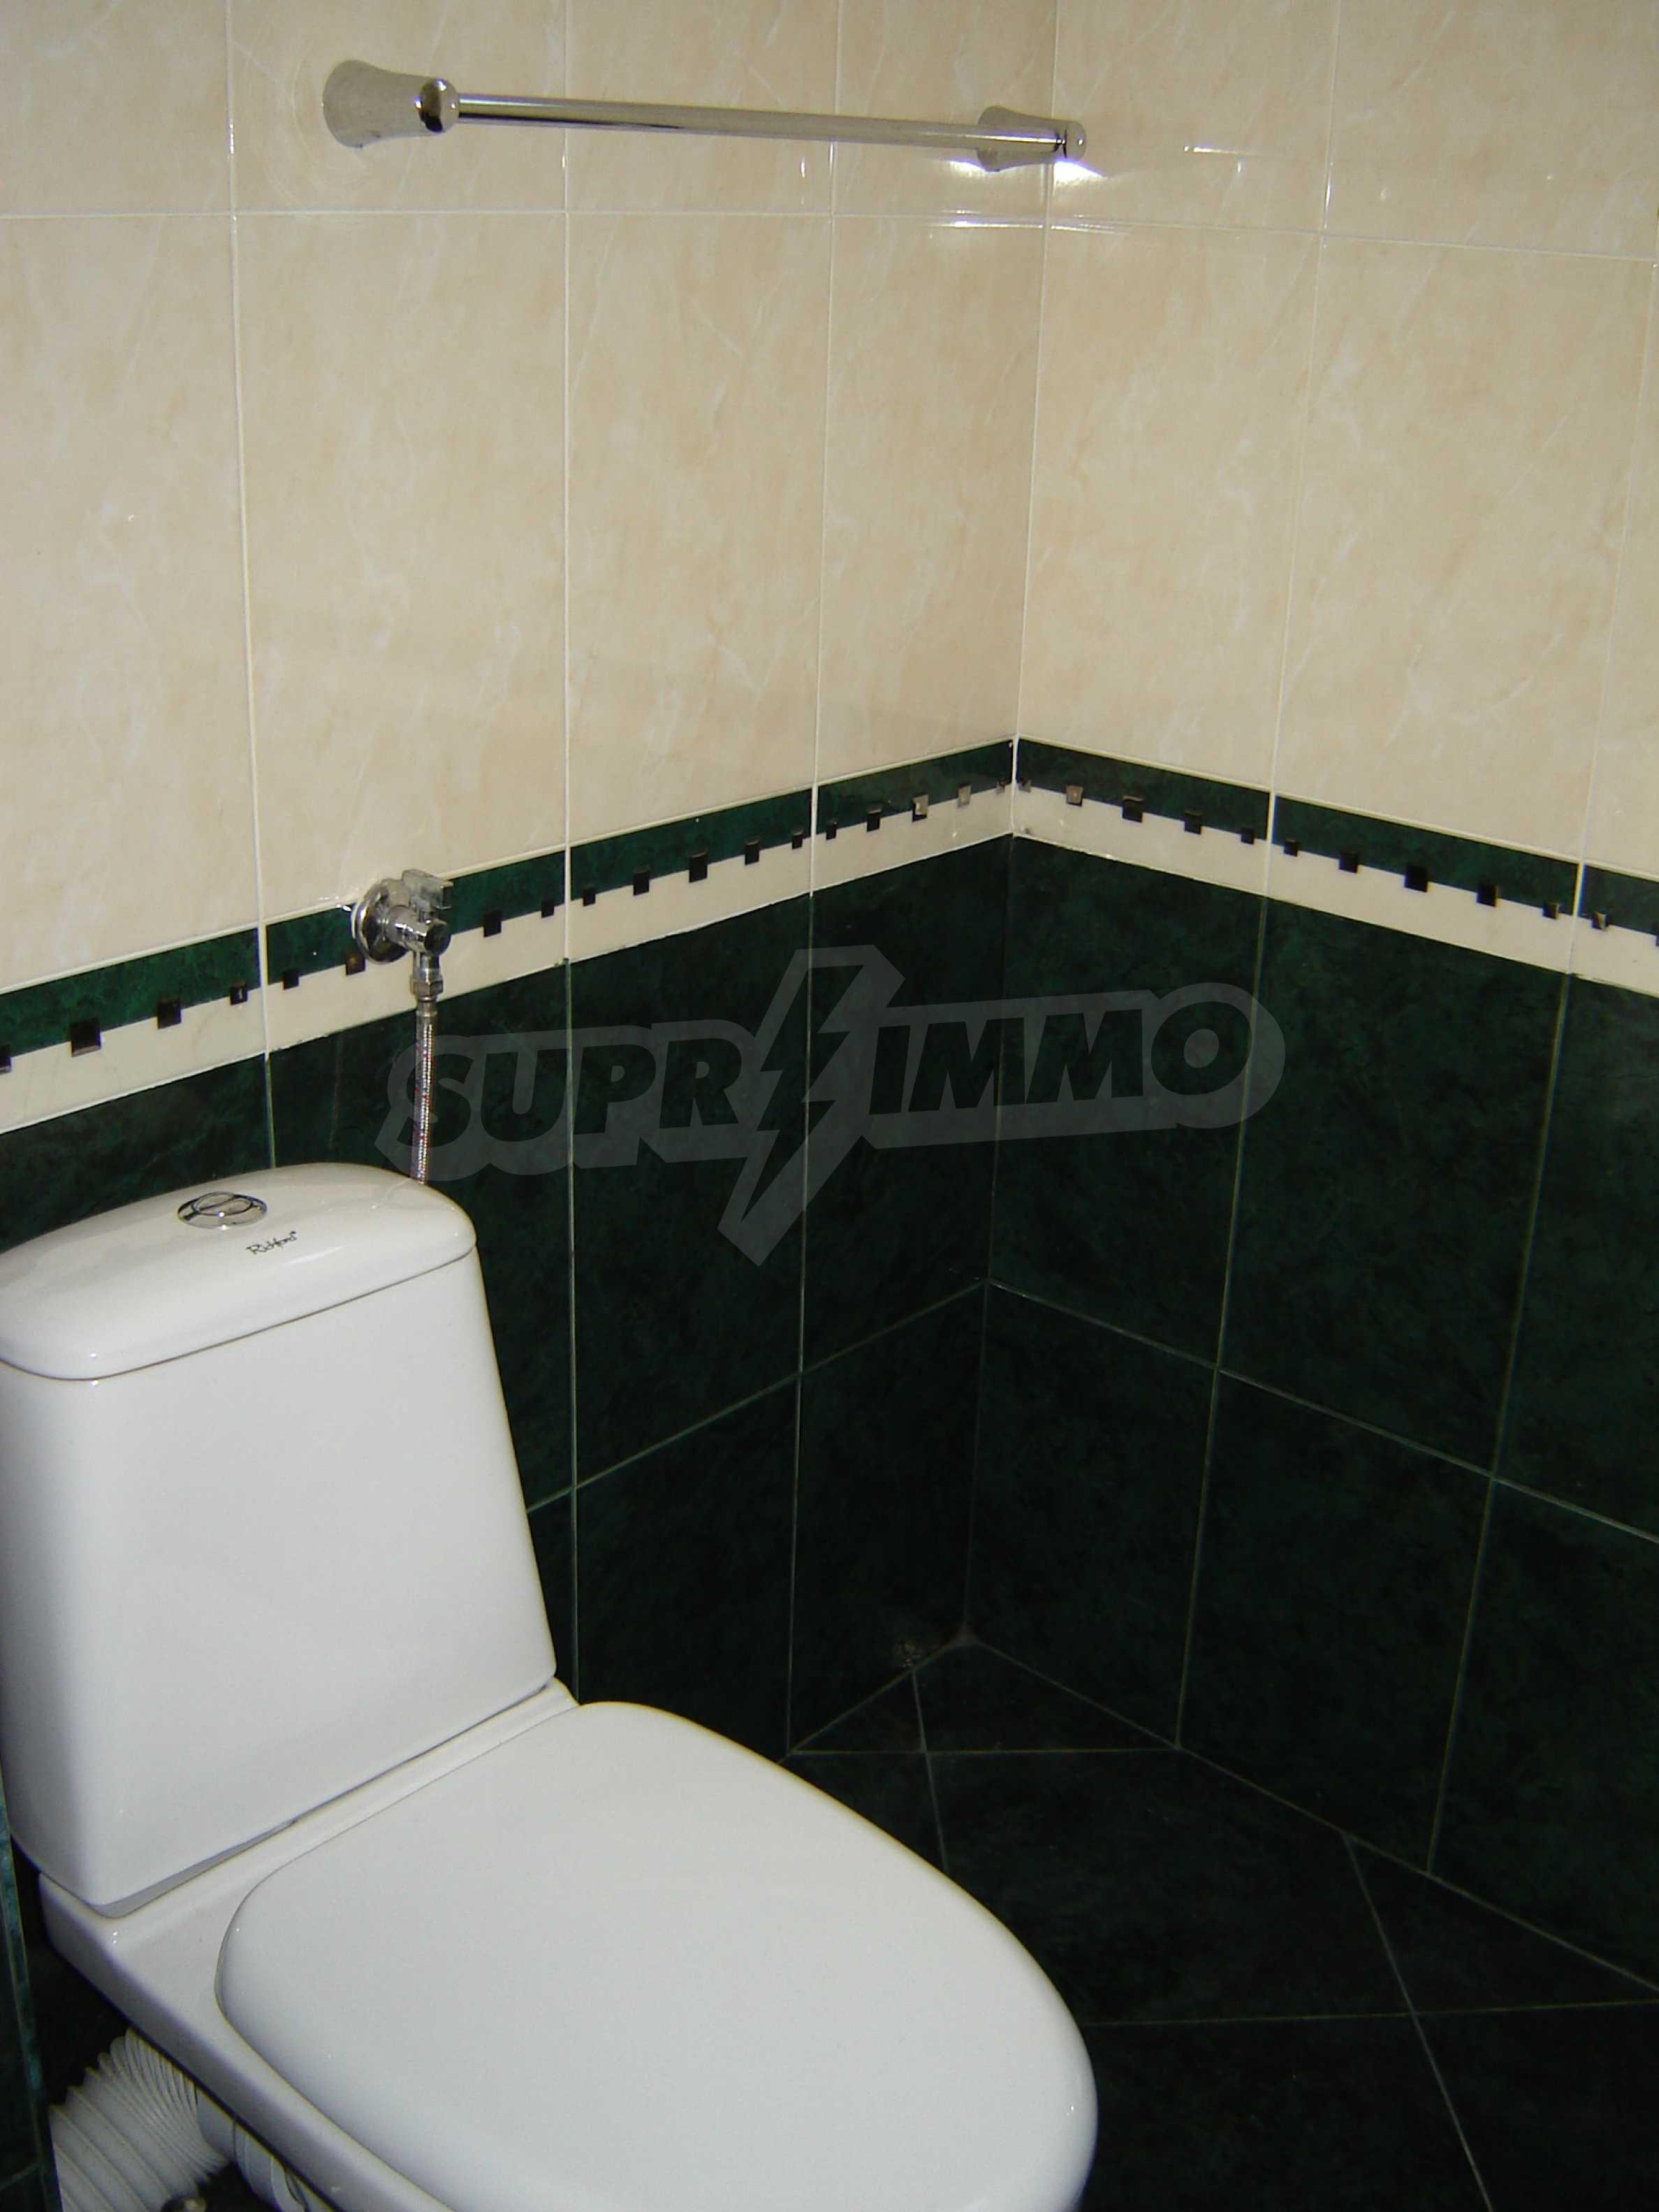 House of family hotel type for sale in Primorsko 20